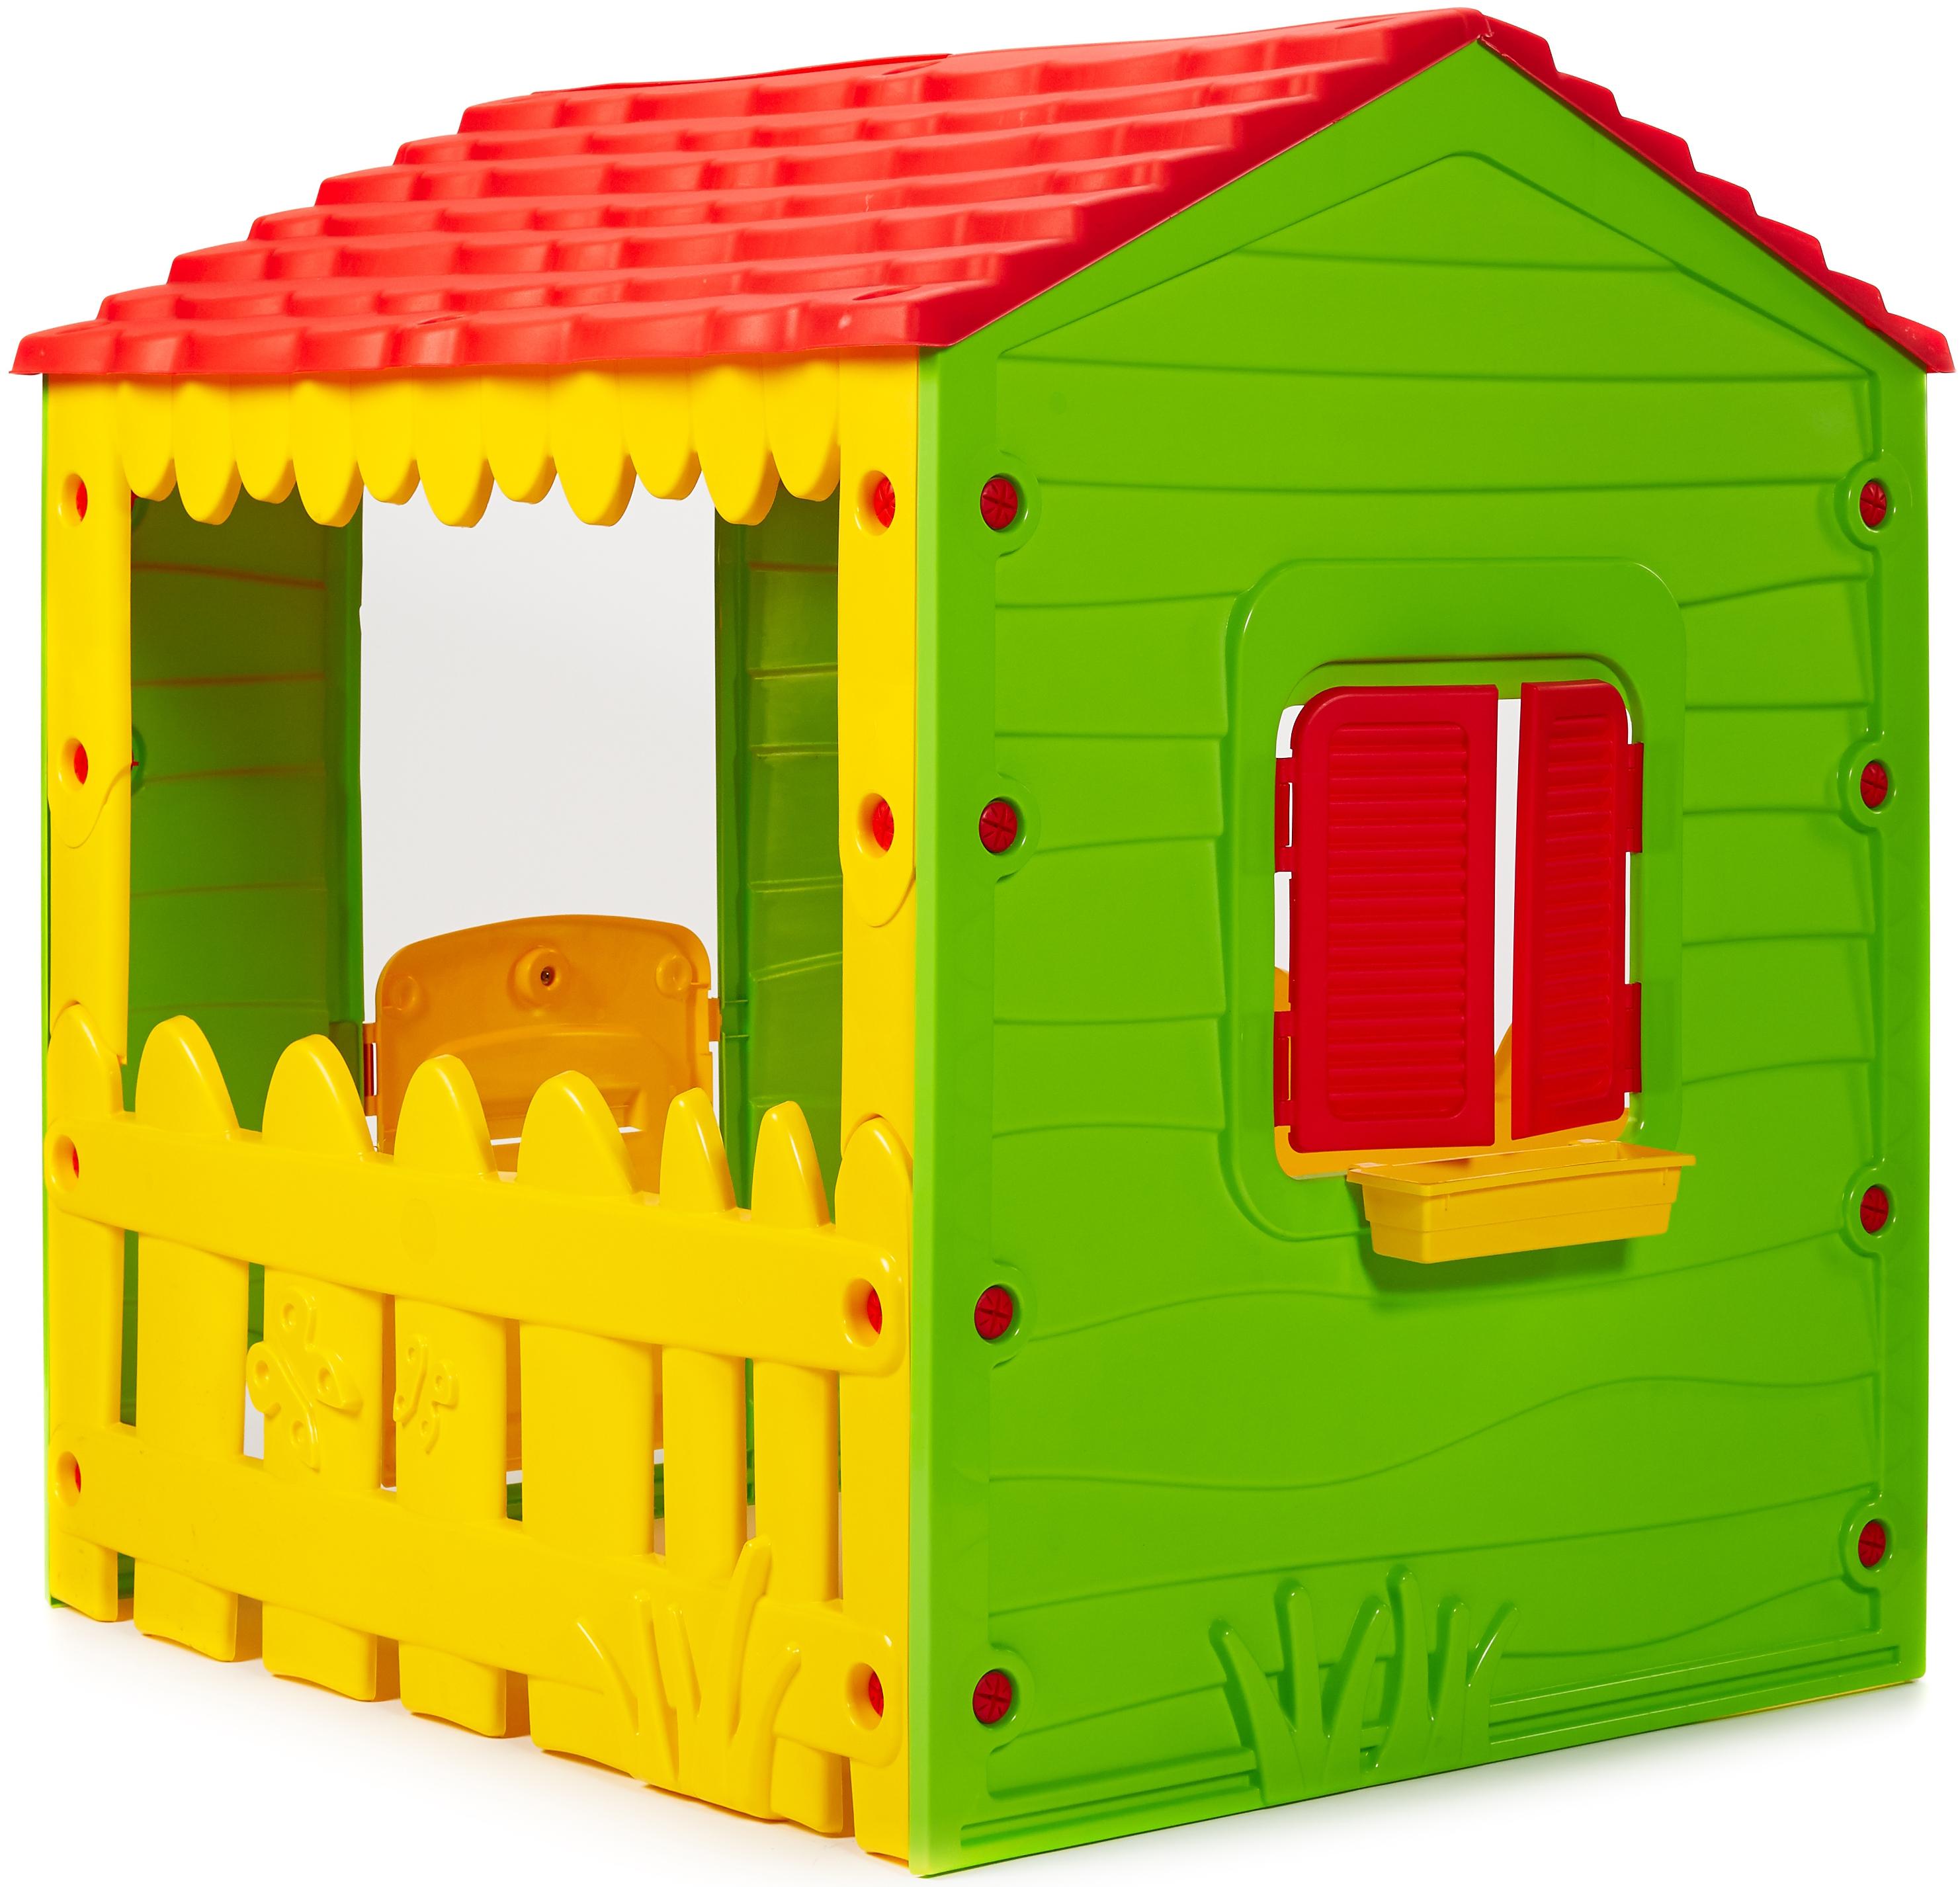 Горки и домики STARPLAST Игровой домик Starplast (69-560) палатки домики babydomiki игровой домик english shcool